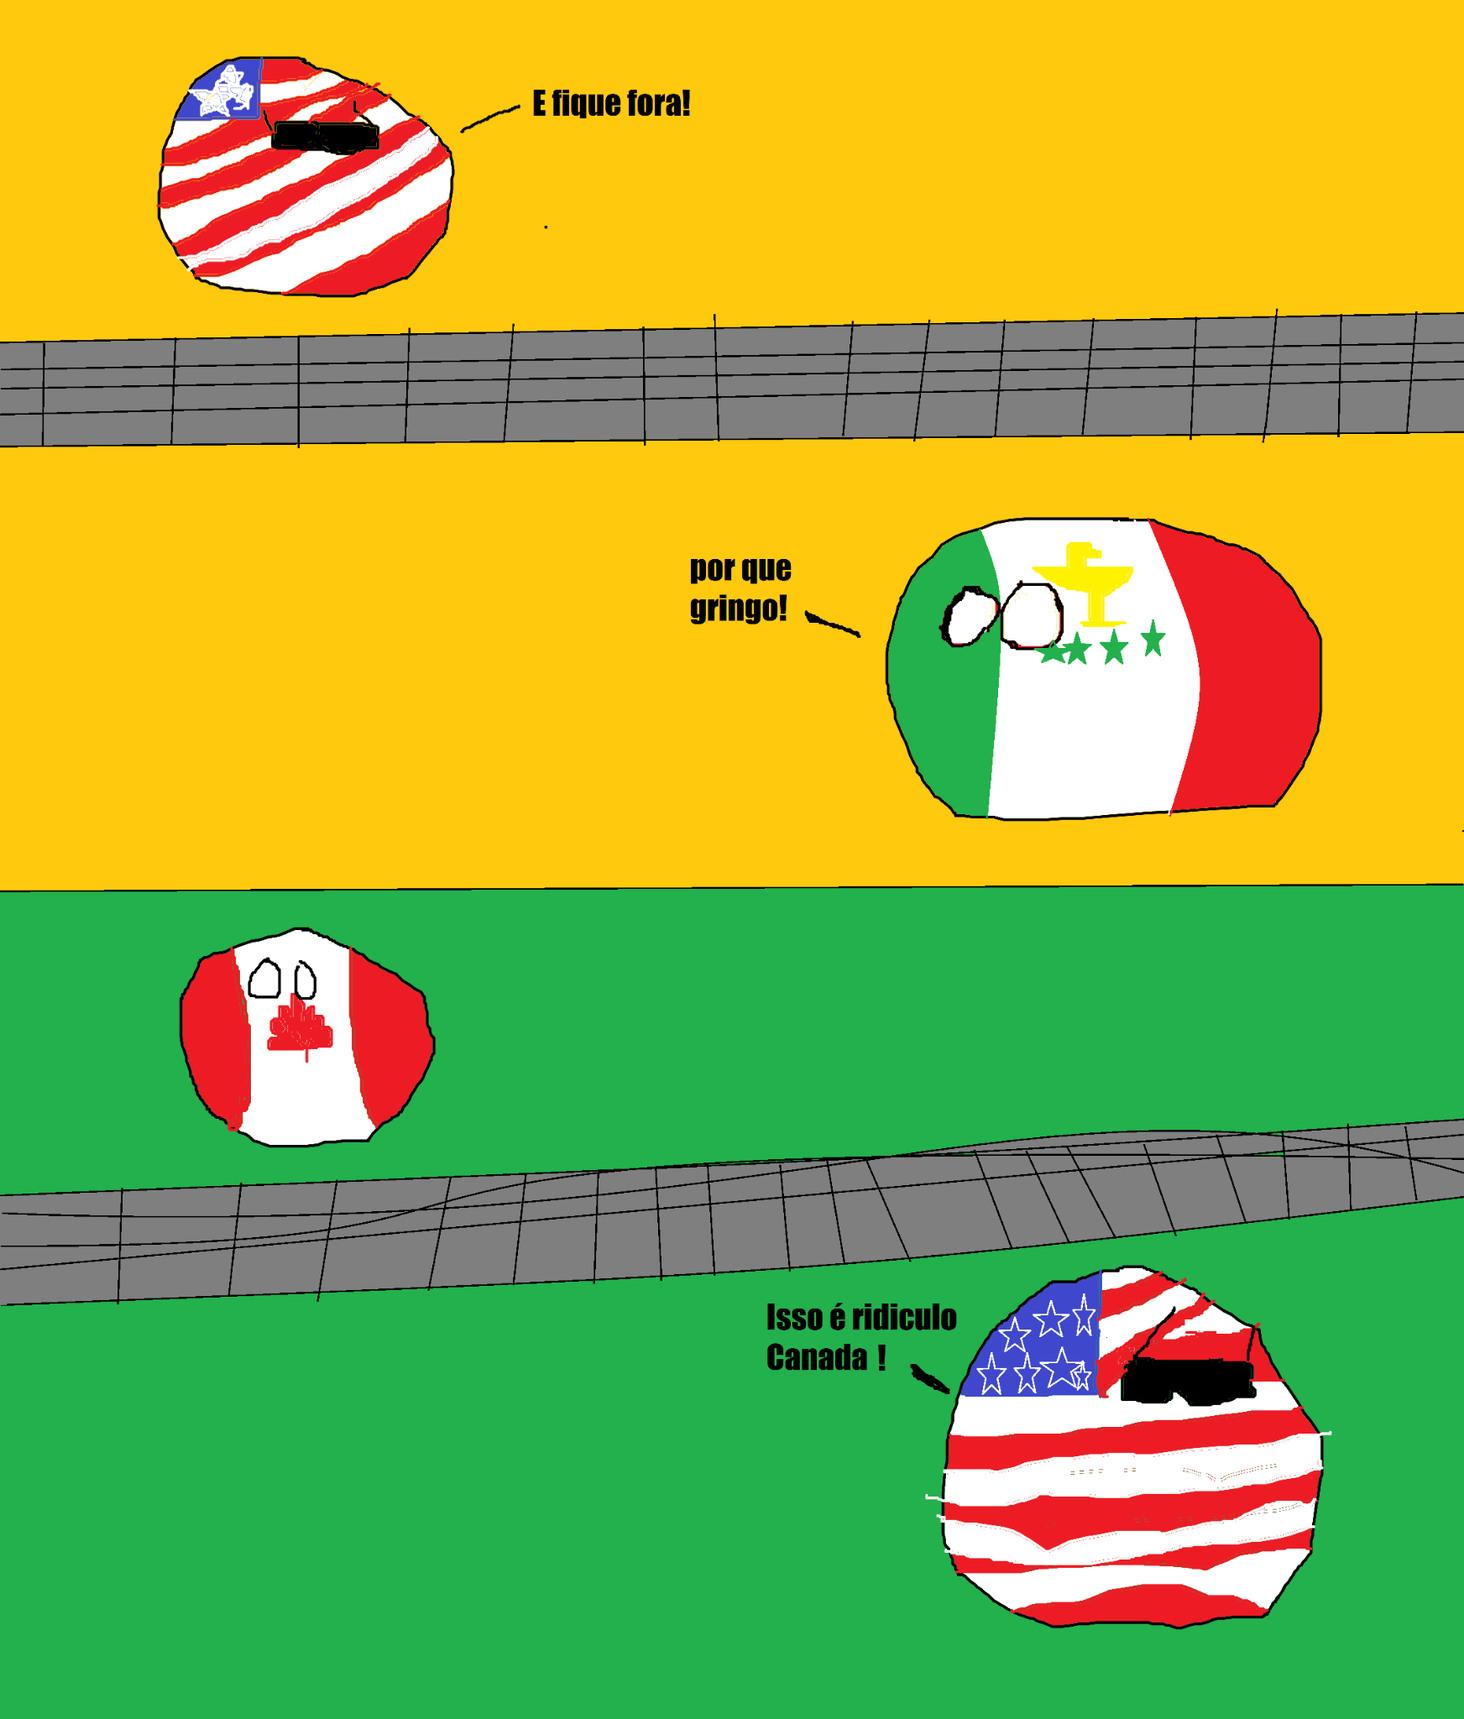 Countryballs e mto bom - meme